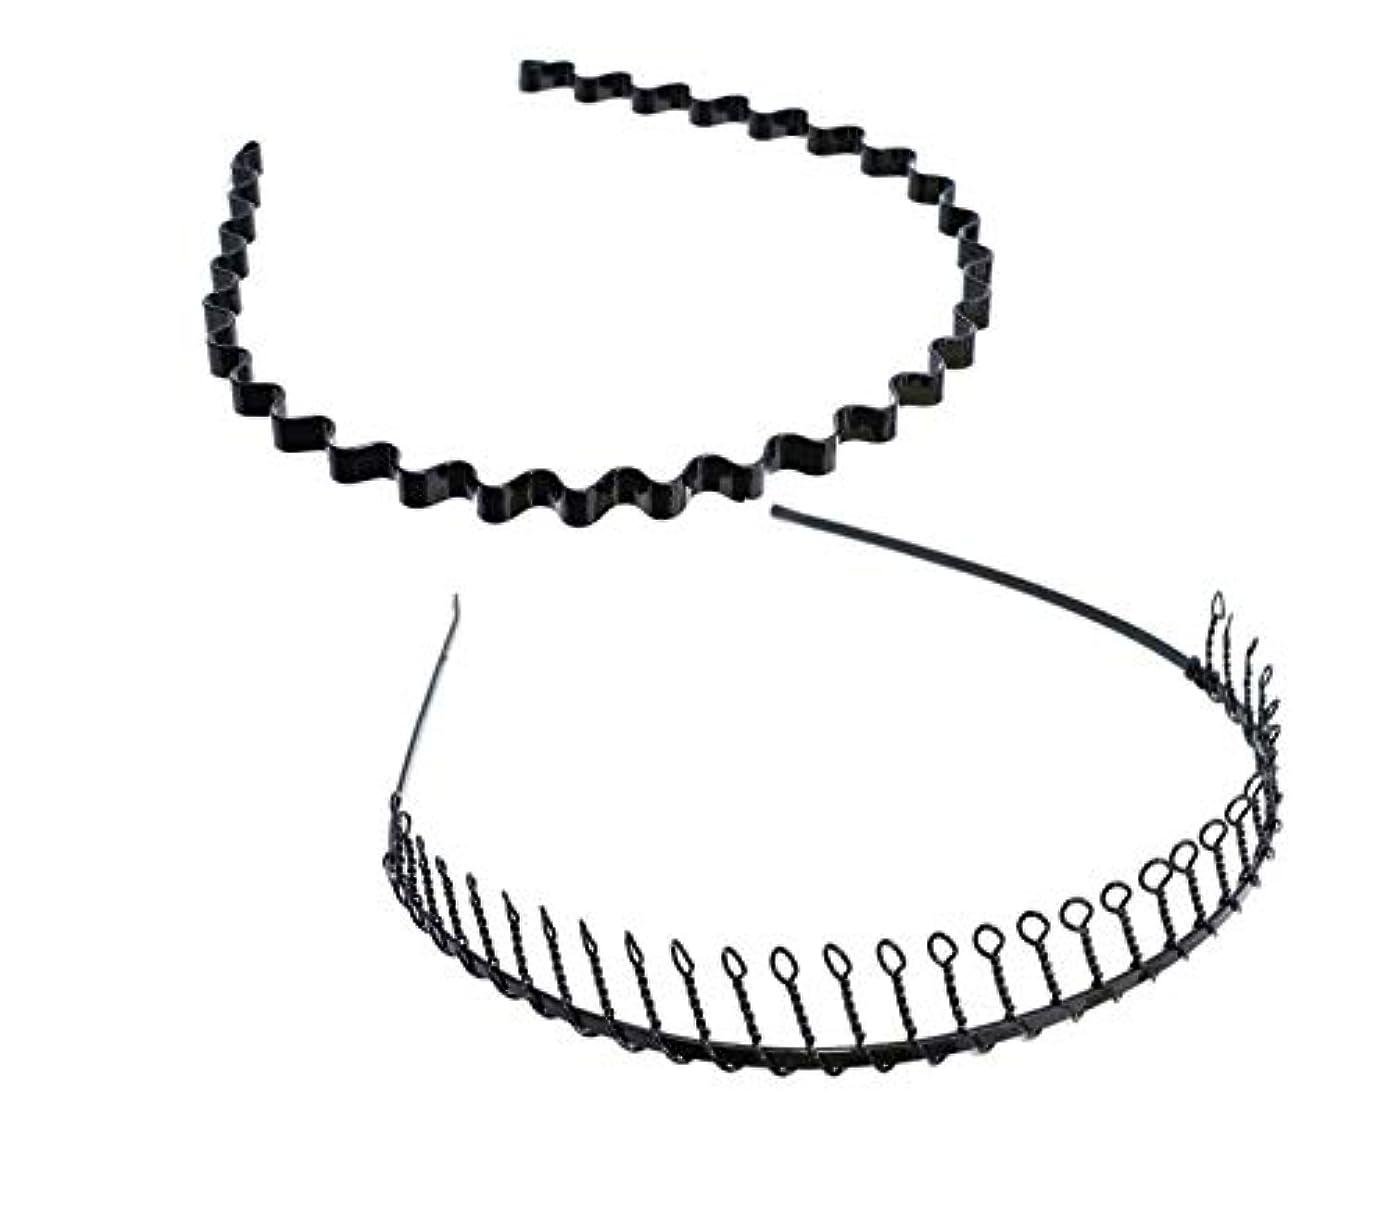 完璧な推定秘書SALOCY カチューシャ メンズ コイルヘアバンド カチューシャ スプリング 髪留め 固定 ヘアアクセサリー 波型 くし付き 滑り止め 痛くない 前髪 髪飾り 男女兼用 2本 セット